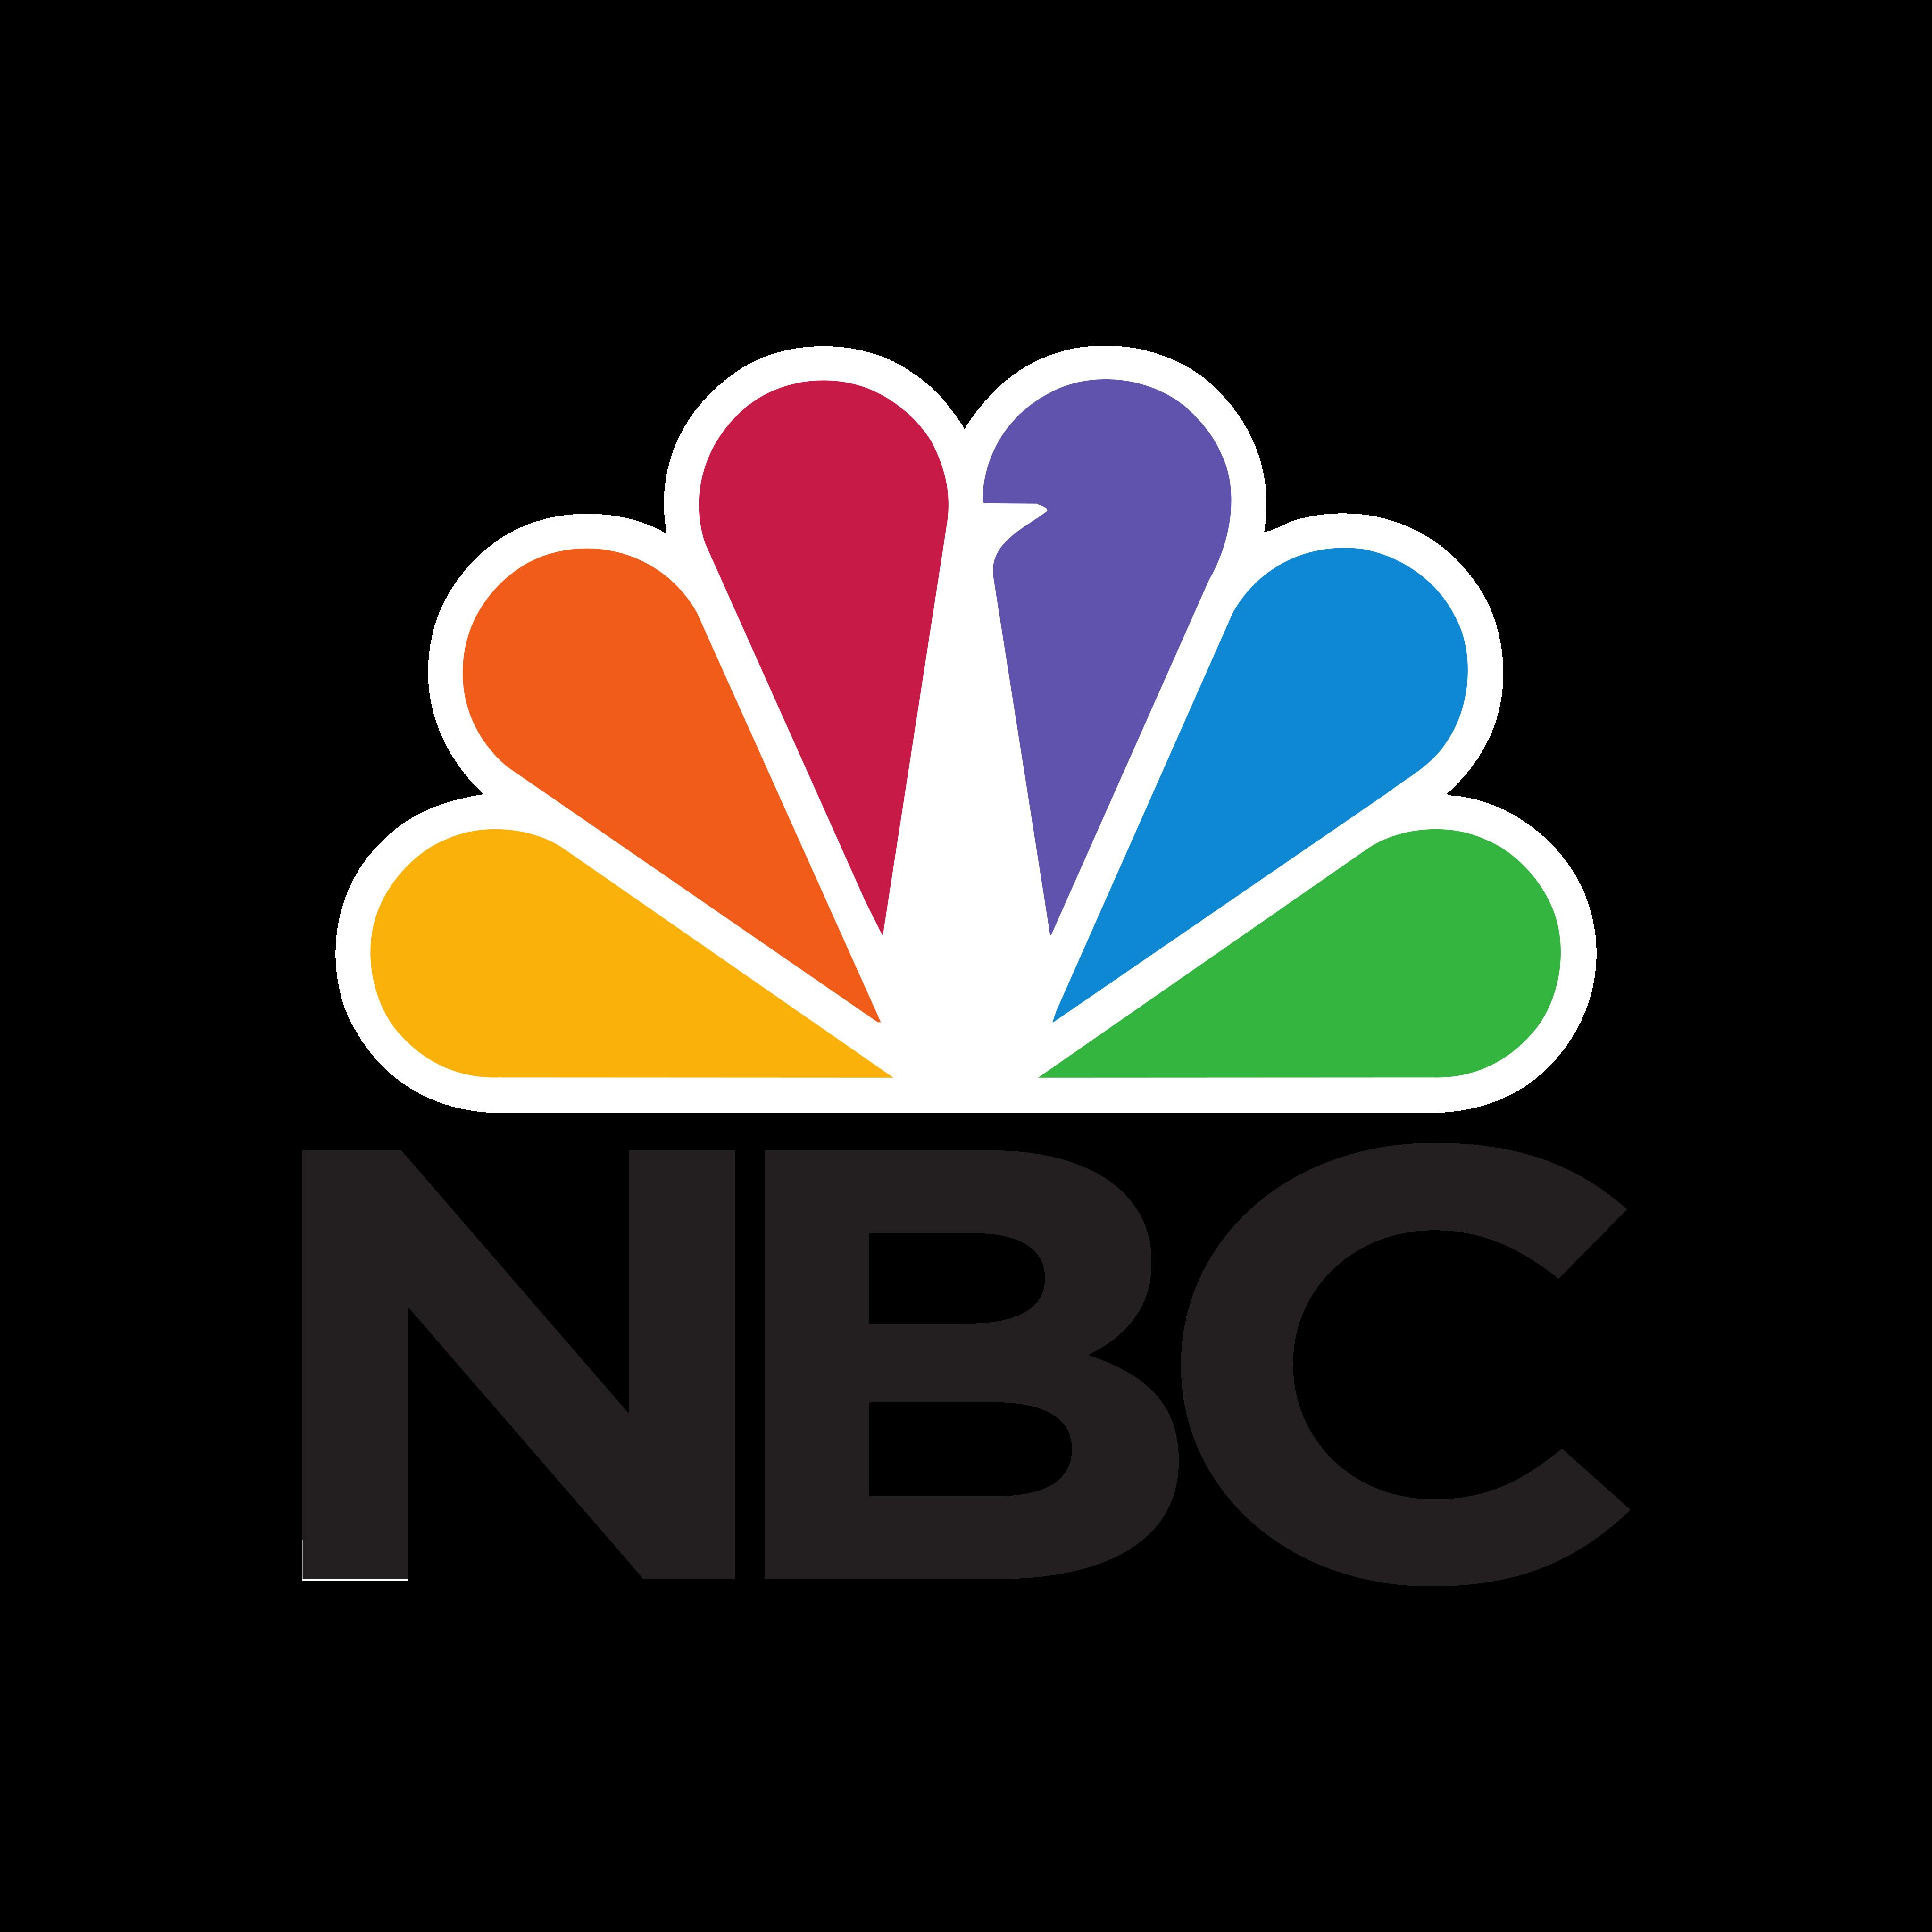 nbc logo 0 - NBC Logo